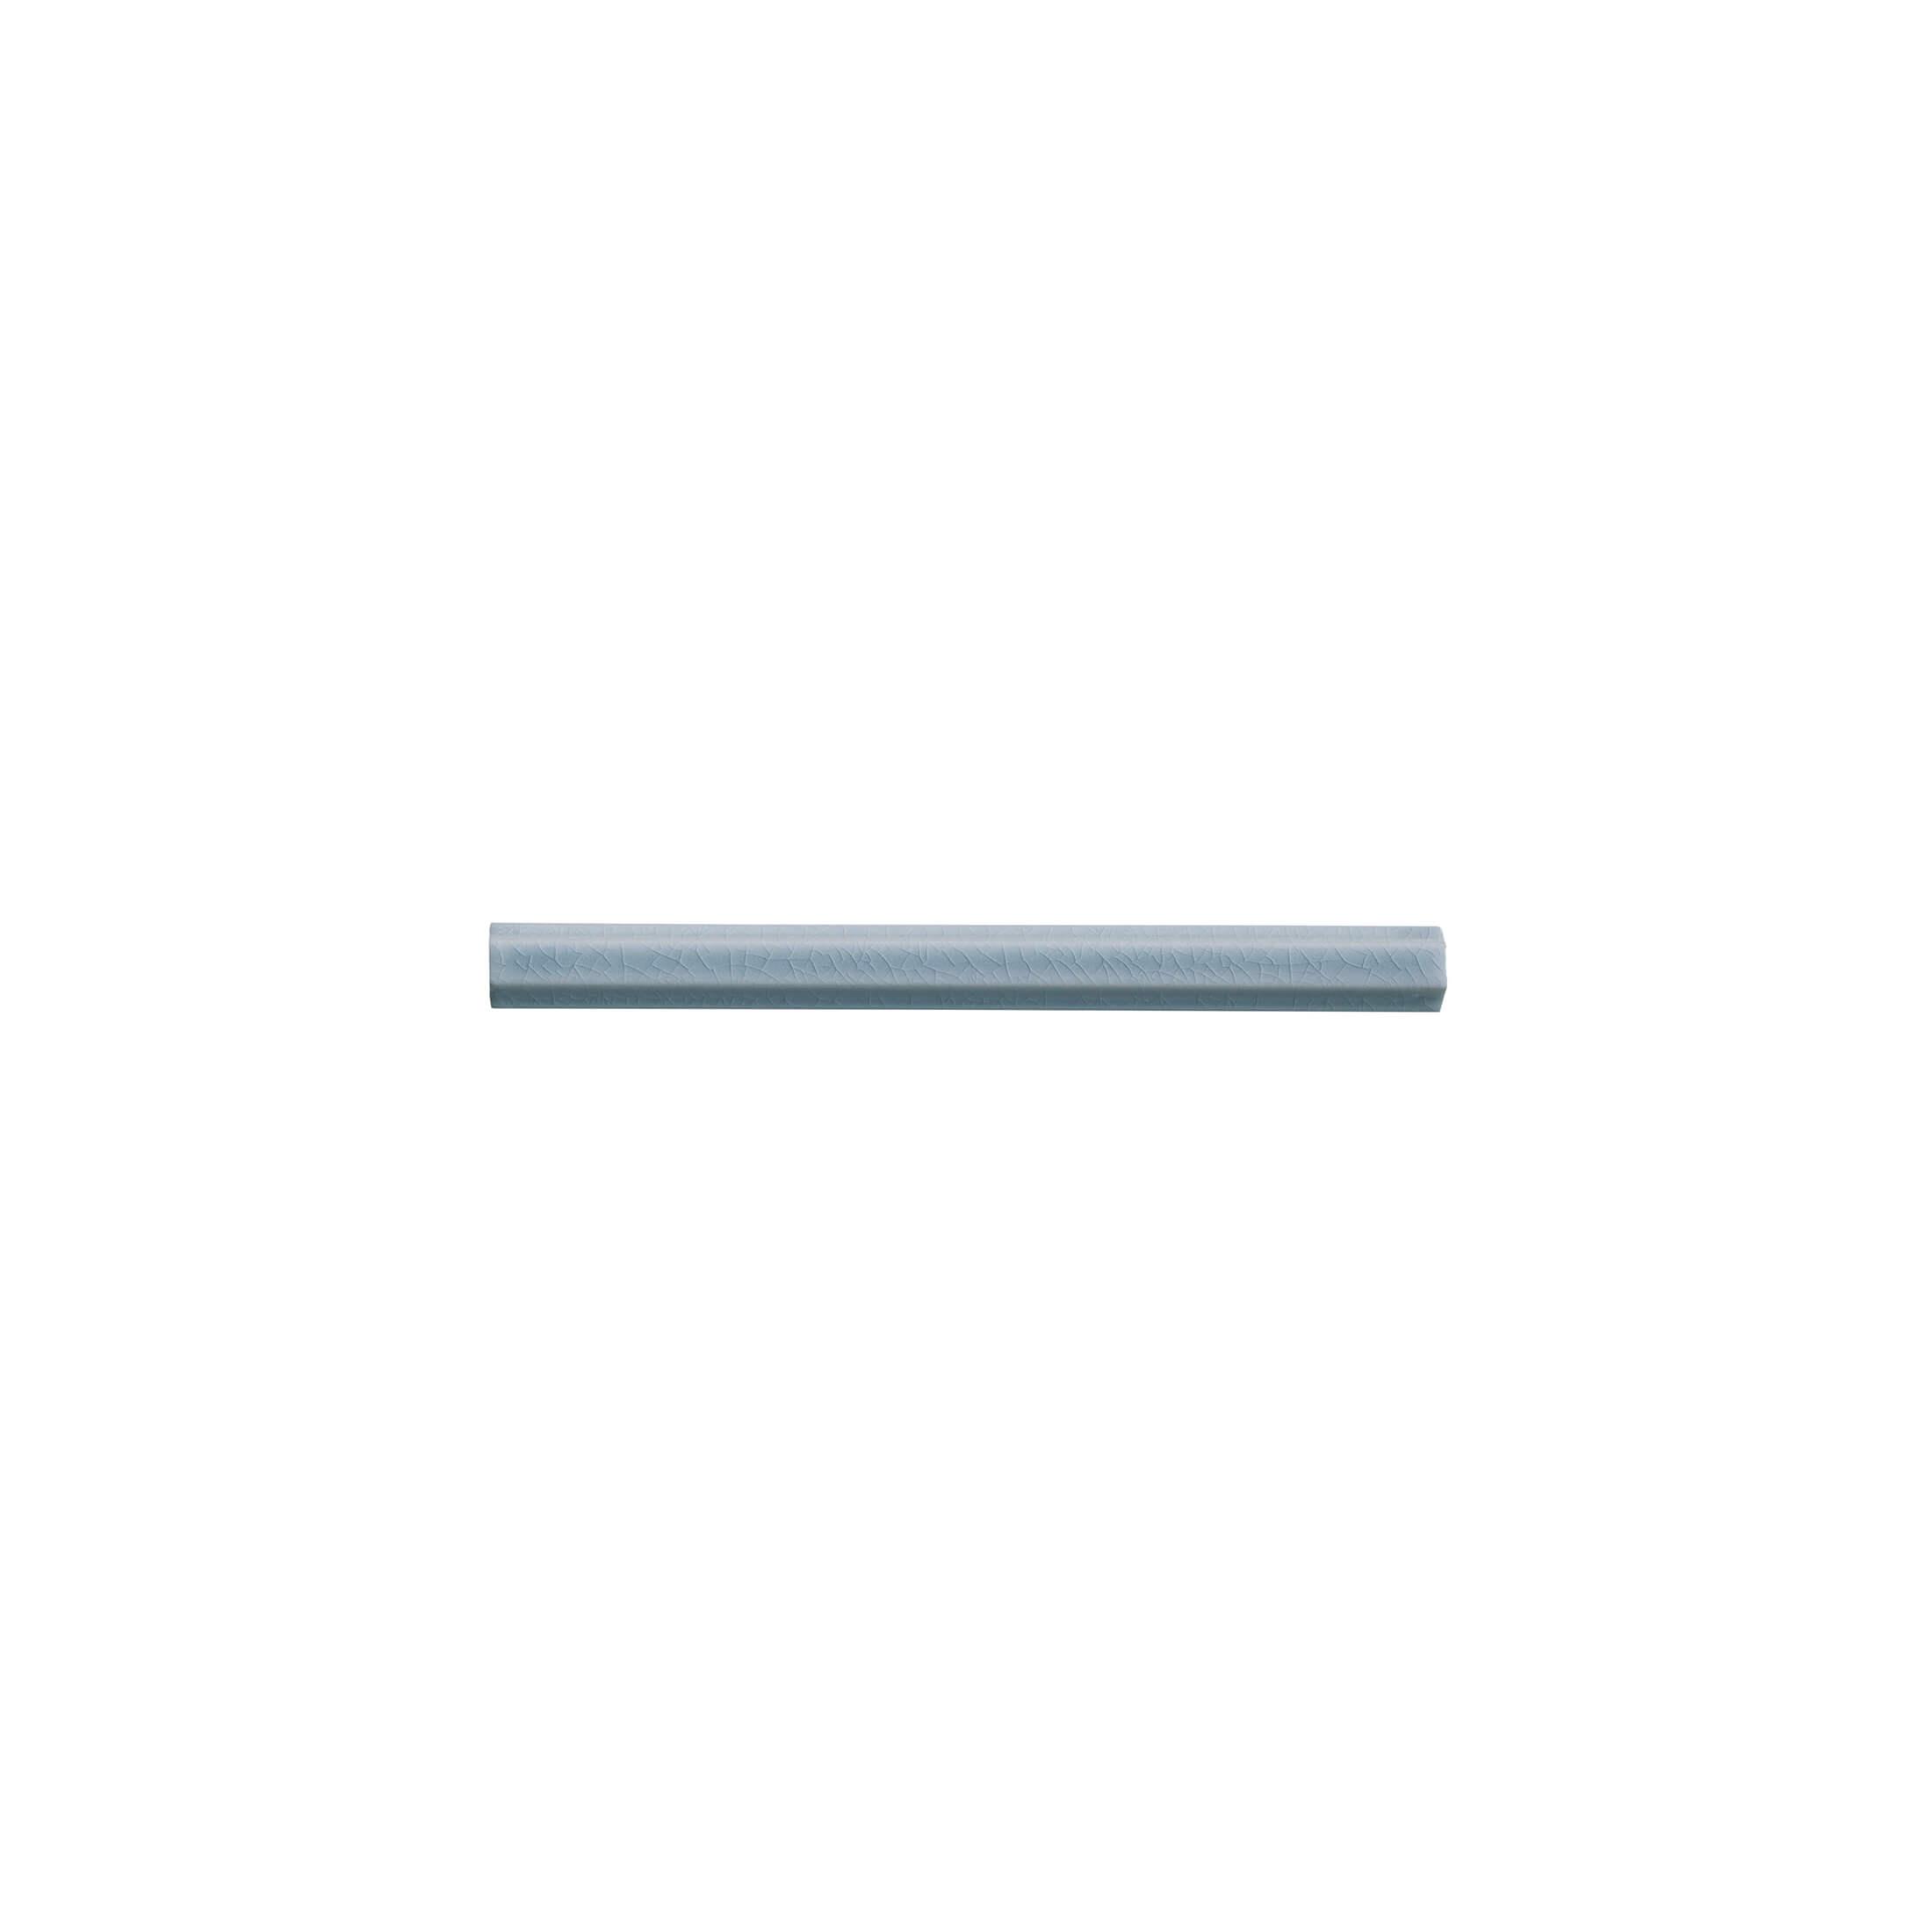 ADMO5432 - LISTELO CLASICO C/C - 1.7 cm X 15 cm